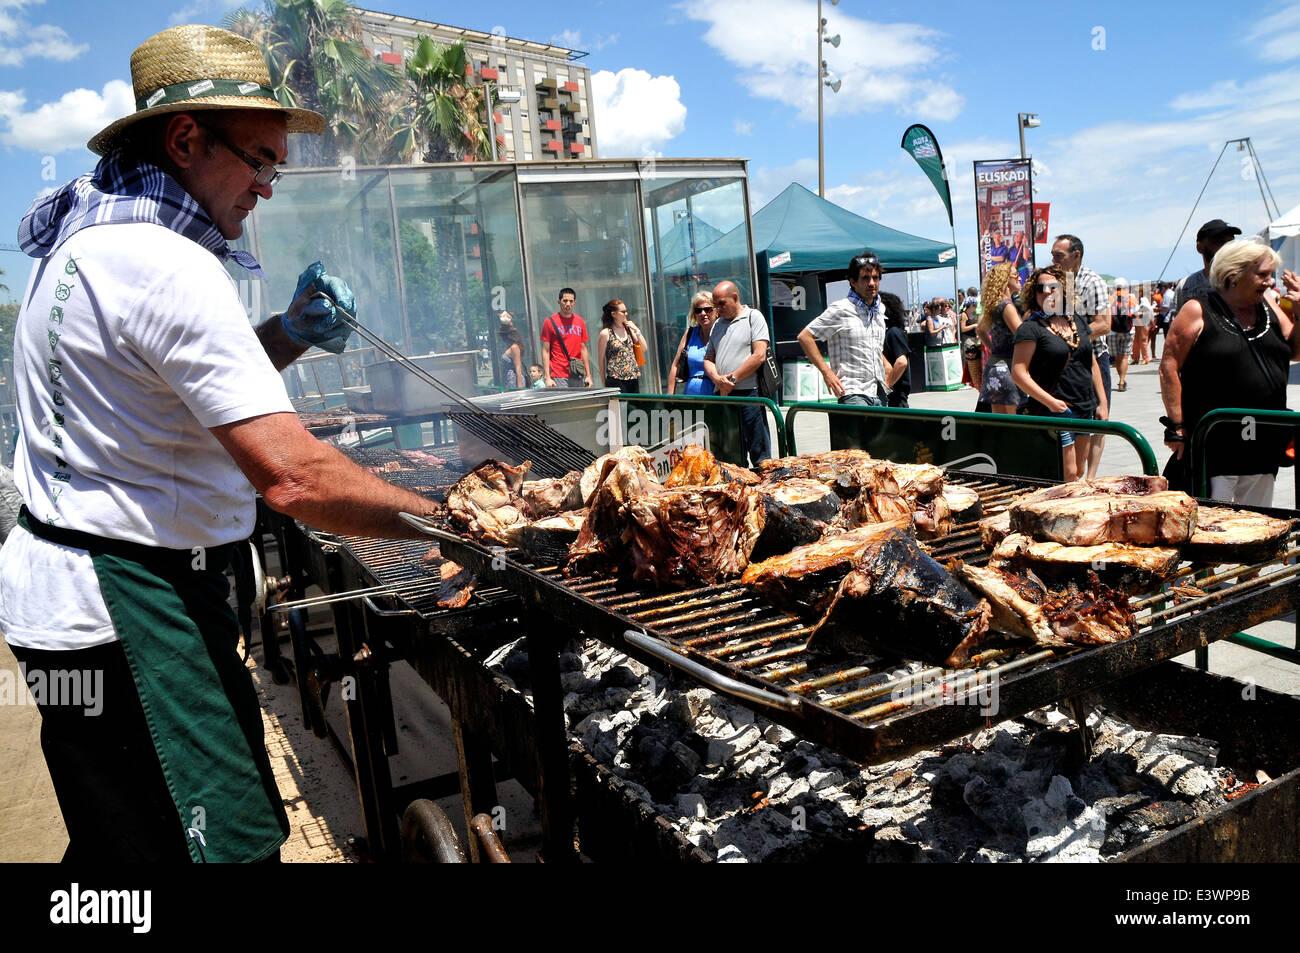 Man grillen Fisch vom Grill auf der Straße für eine besondere Veranstaltung über Euskadi Nordspanien Stockbild